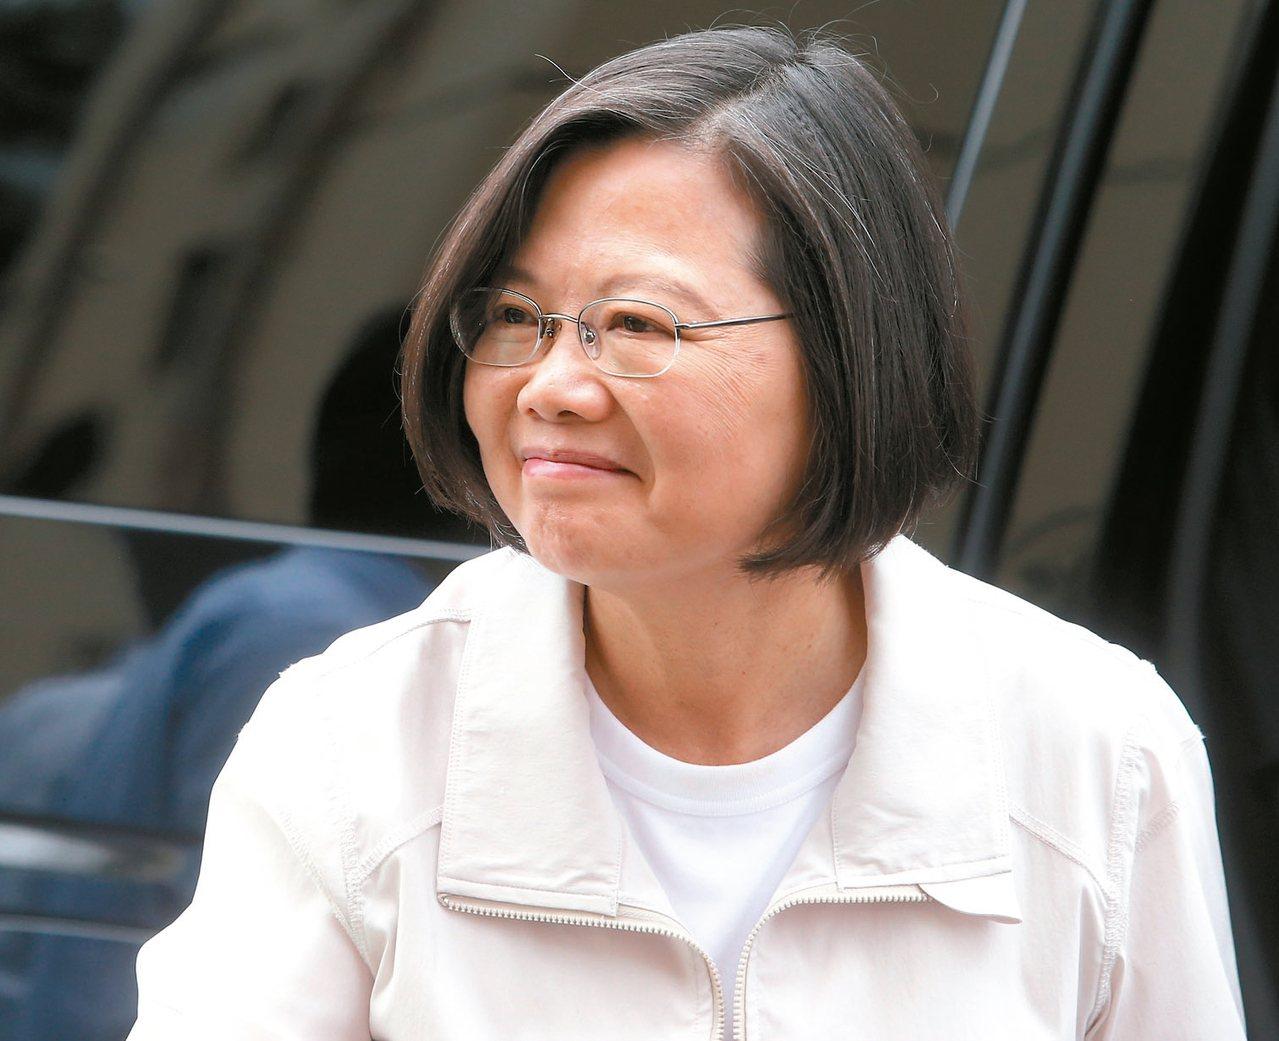 蔡英文總統今天中午前往彰化家扶中心參訪。 記者黃仲裕/攝影